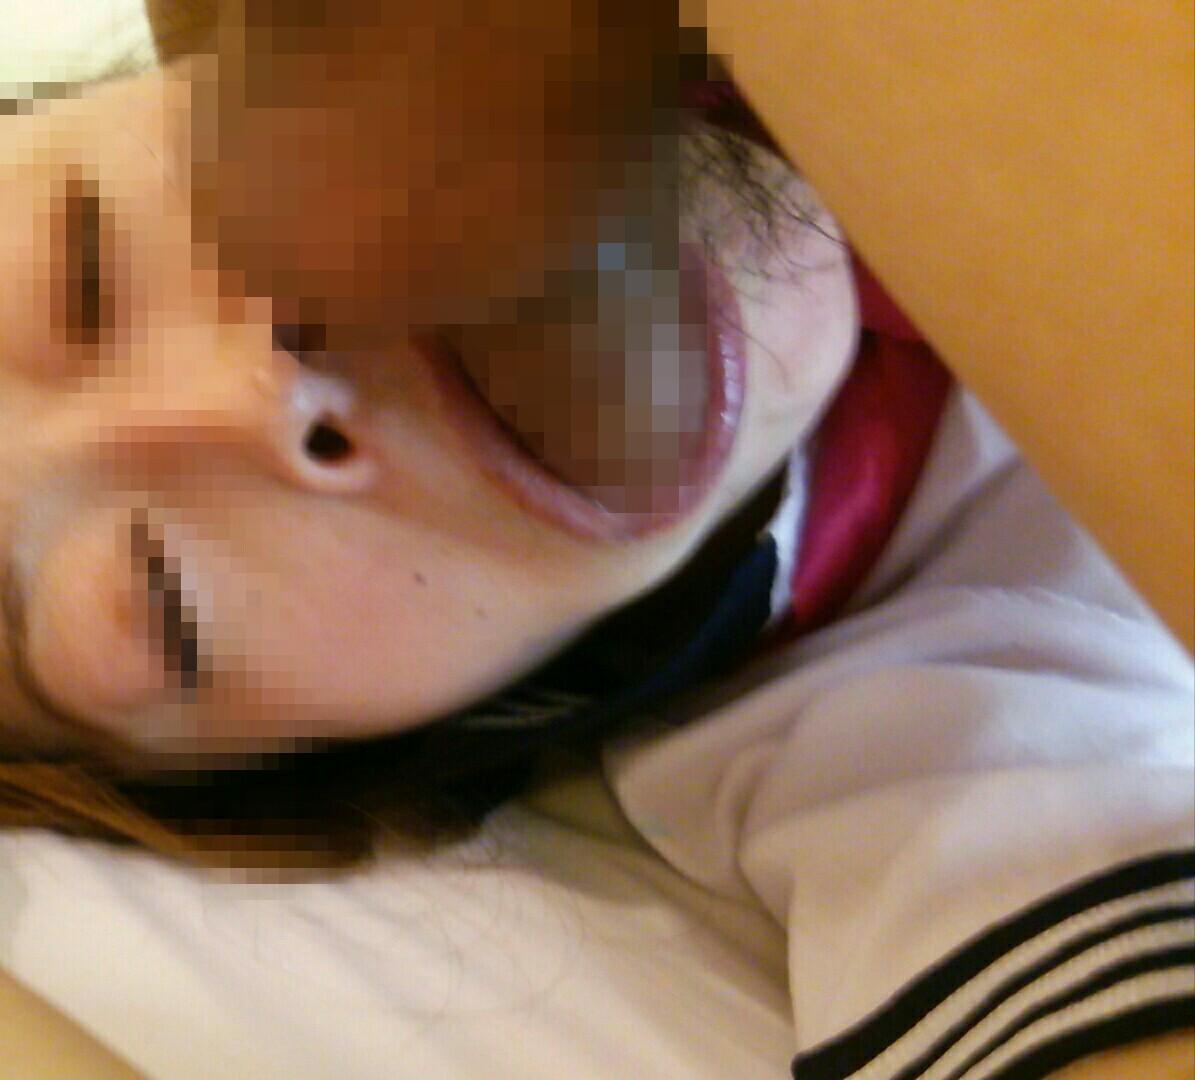 顔出し熟女人妻調教中の口内射精フェラエロ画像2枚目